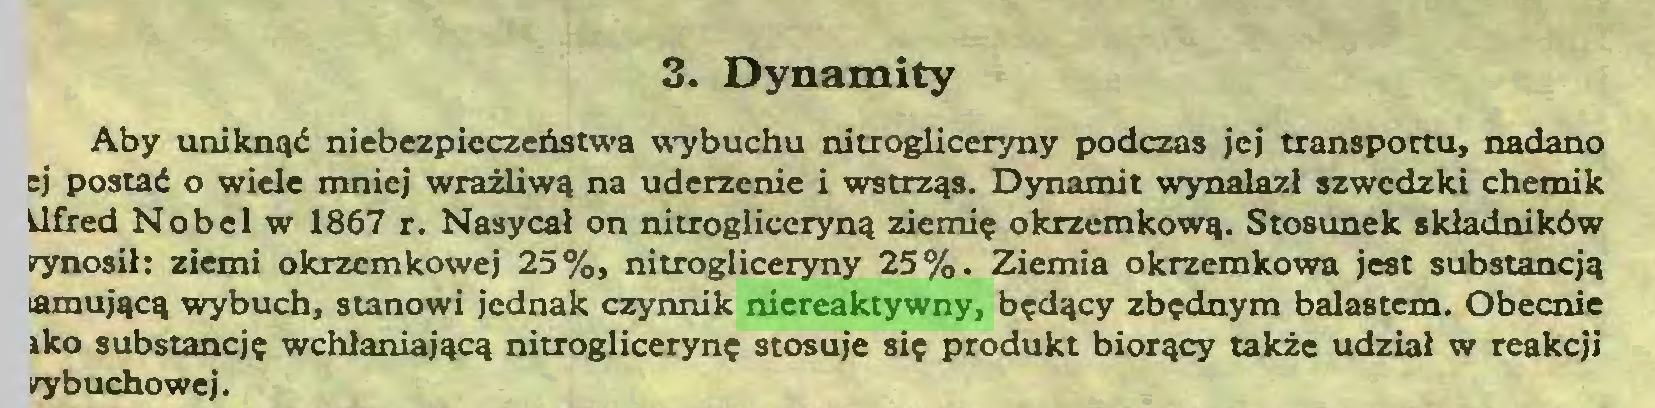 (...) 3. Dynamity Aby uniknąć niebezpieczeństwa wybuchu nitrogliceryny podczas jej transportu, nadano ej postać o wiele mniej wrażliwą na uderzenie i wstrząs. Dynamit wynalazł szwedzki chemik llfred Nobel w 1867 r. Nasycał on nitrogliceryną ziemię okrzemkową. Stosunek składników wynosił: ziemi okrzemkowej 25%, nitrogliceryny 25%. Ziemia okrzemkowa jest substancją tamującą wybuch, stanowi jednak czynnik niereaktywny, będący zbędnym balastem. Obecnie iko substancję wchłaniającą nitroglicerynę stosuje się produkt biorący także udział w reakcji cybuchowej...